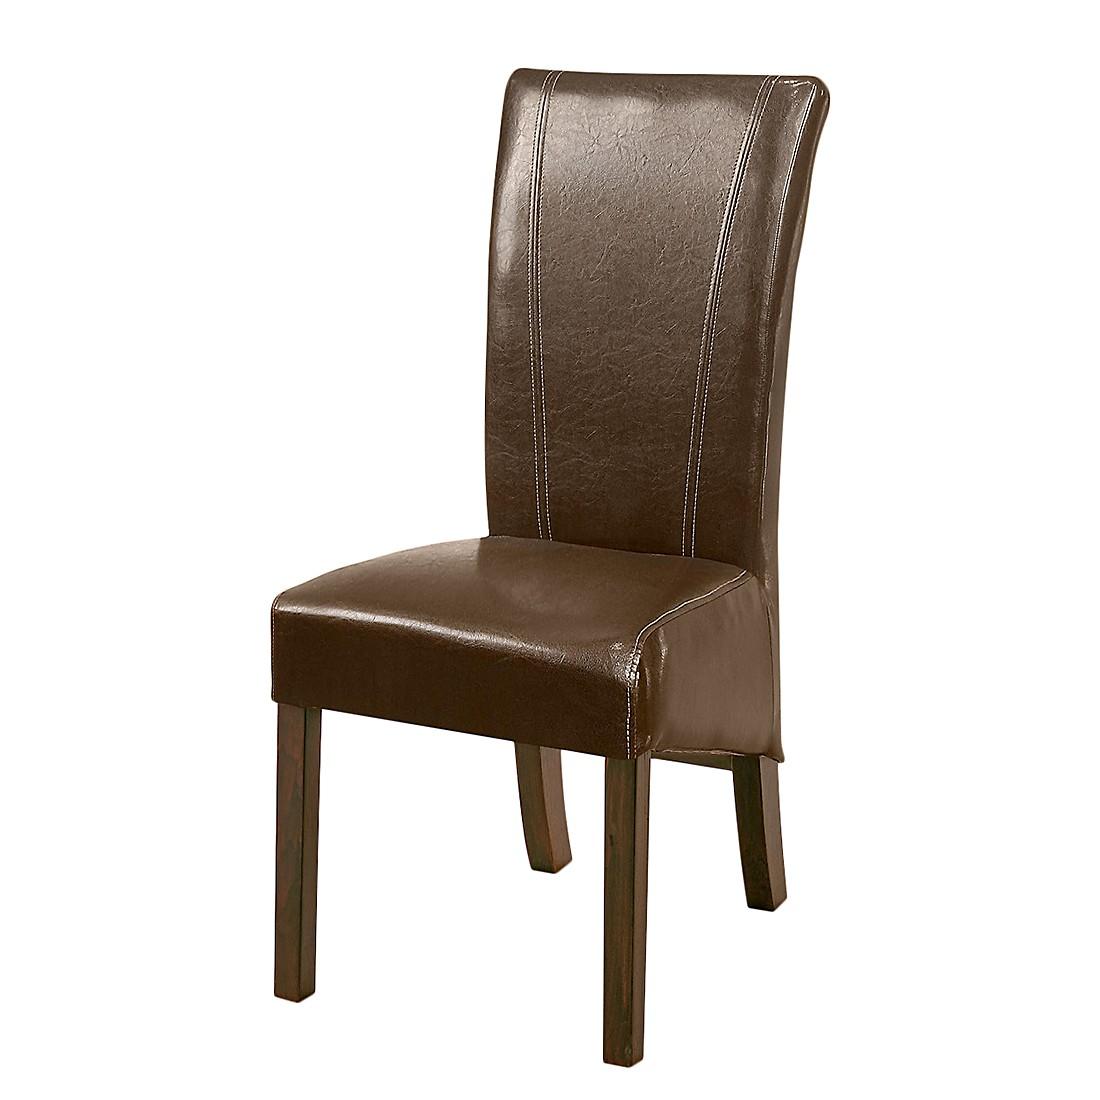 esszimmerstuhl karlsborg 2er set kunstleder braun buche dunkelbraun bellinzona online kaufen. Black Bedroom Furniture Sets. Home Design Ideas